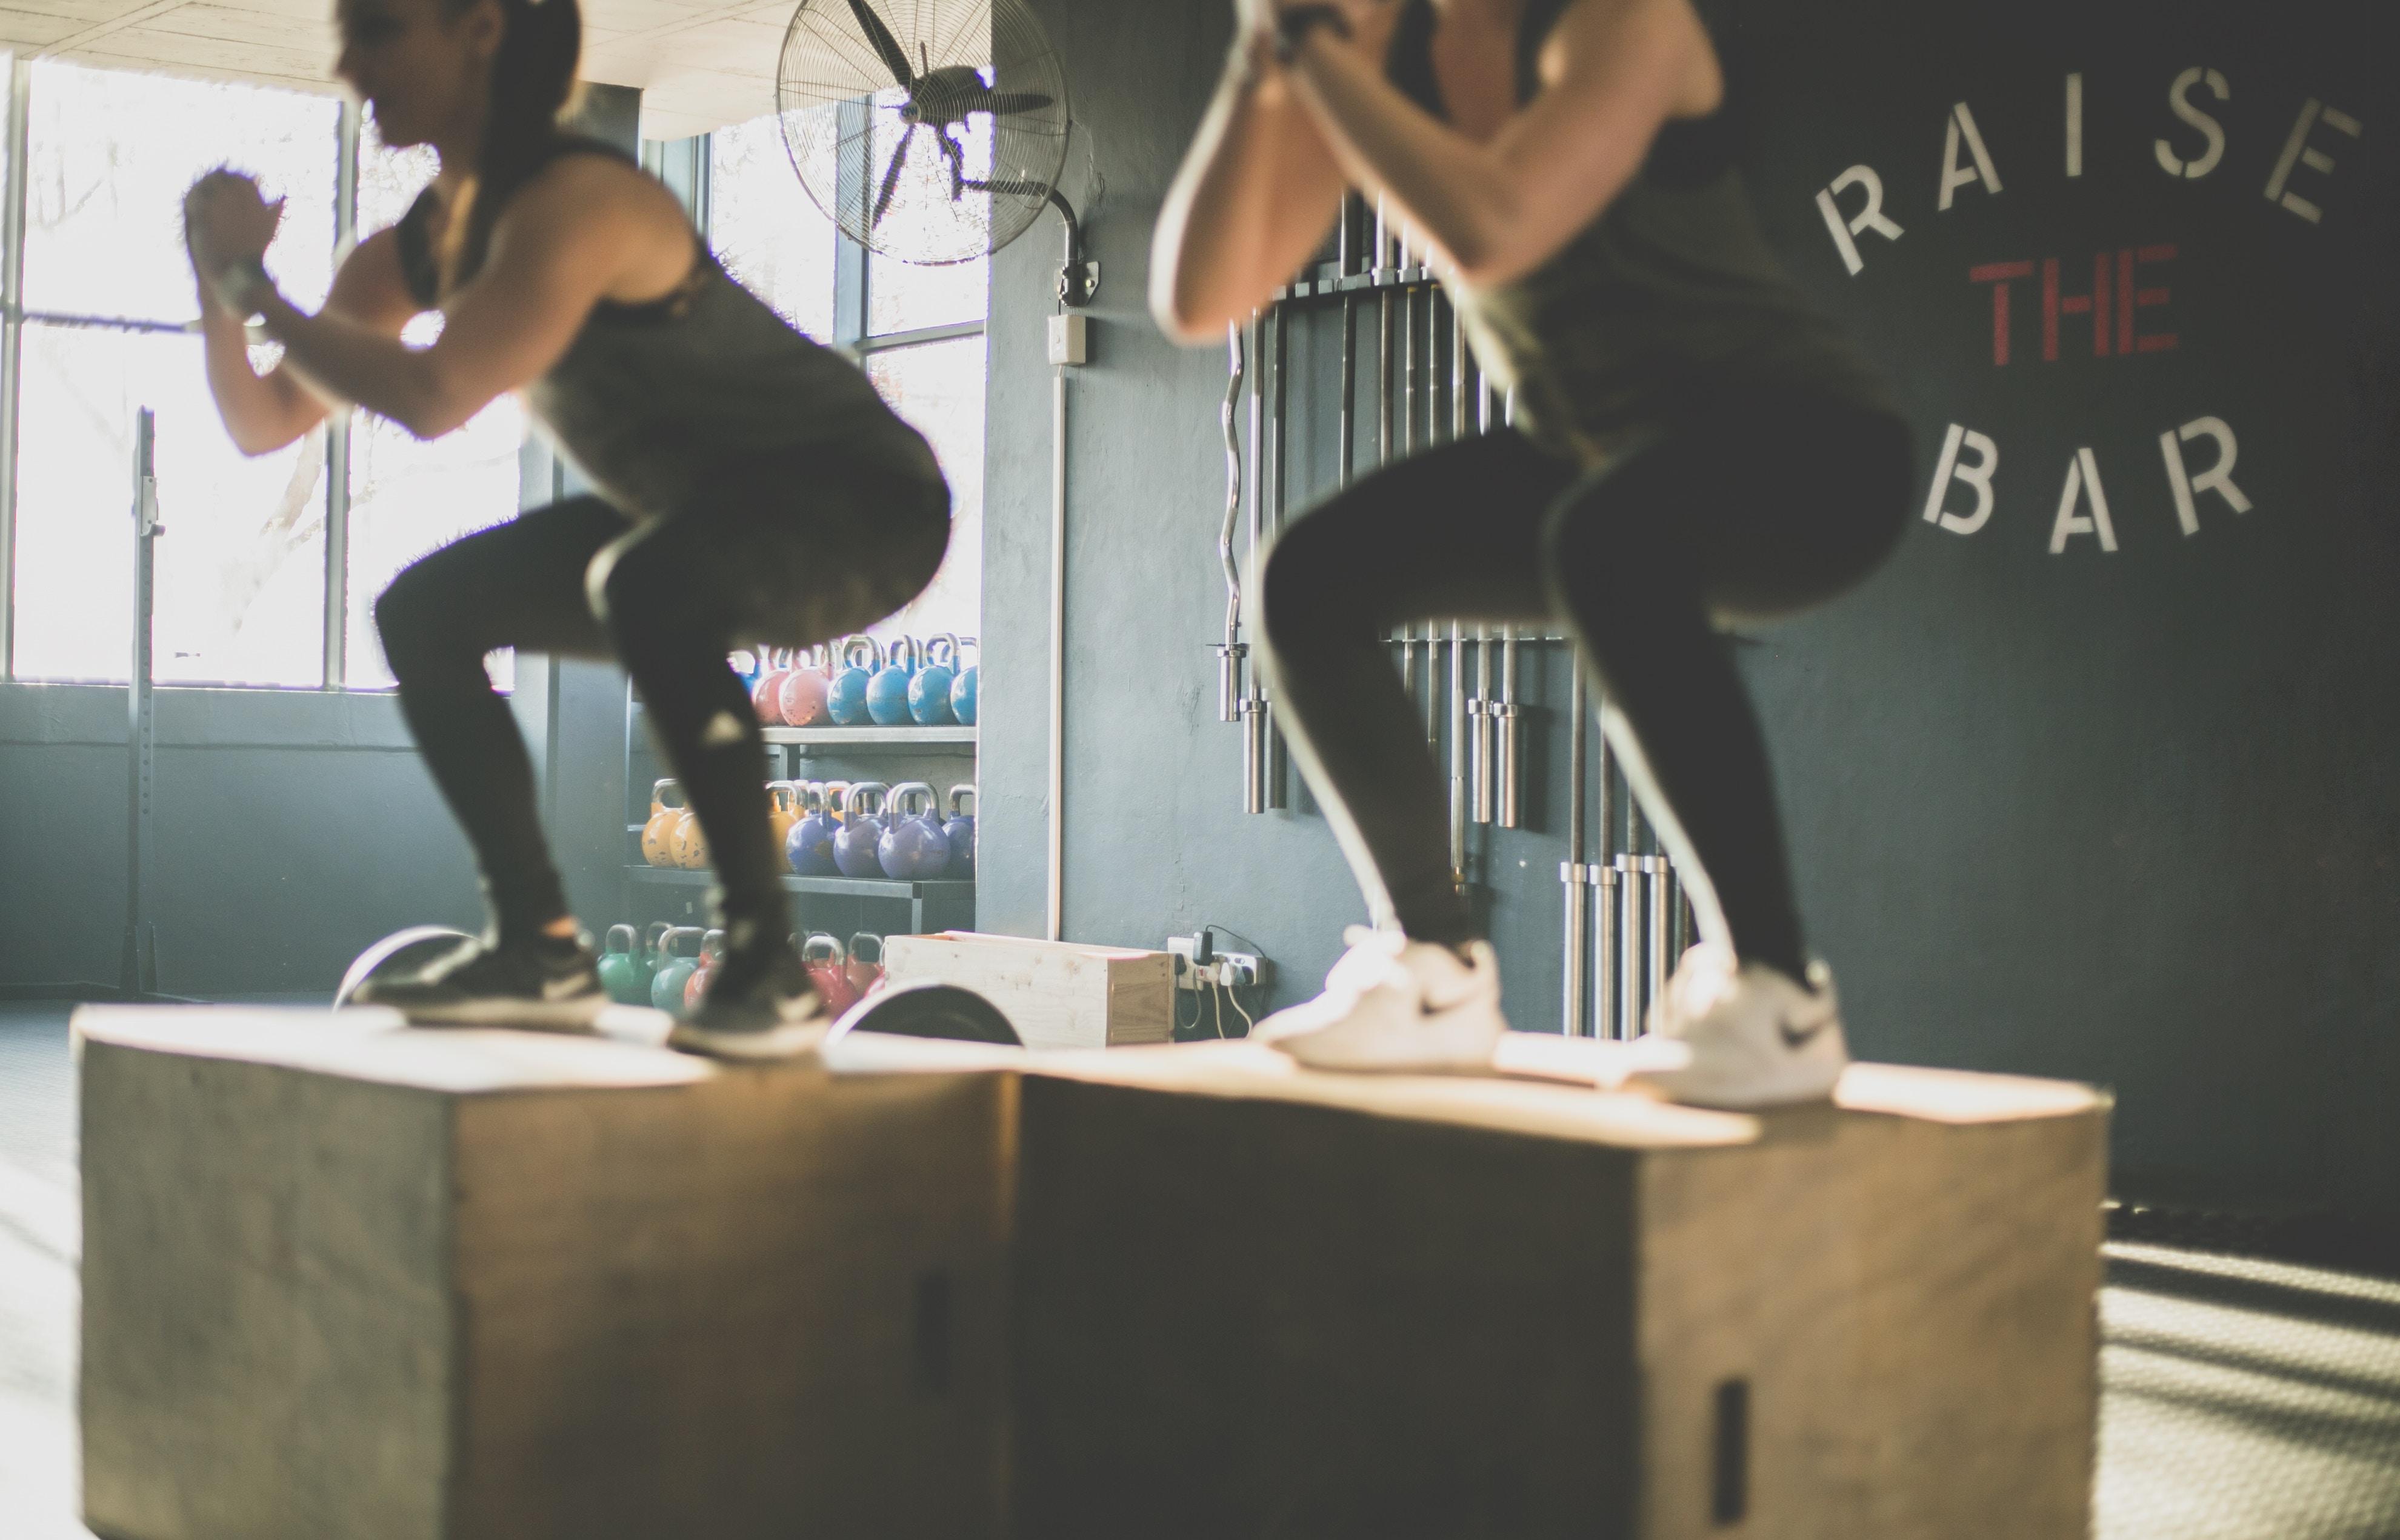 【初心者向け】家でトレーニングする人必見!おすすめの道具無し自重トレーニング5選